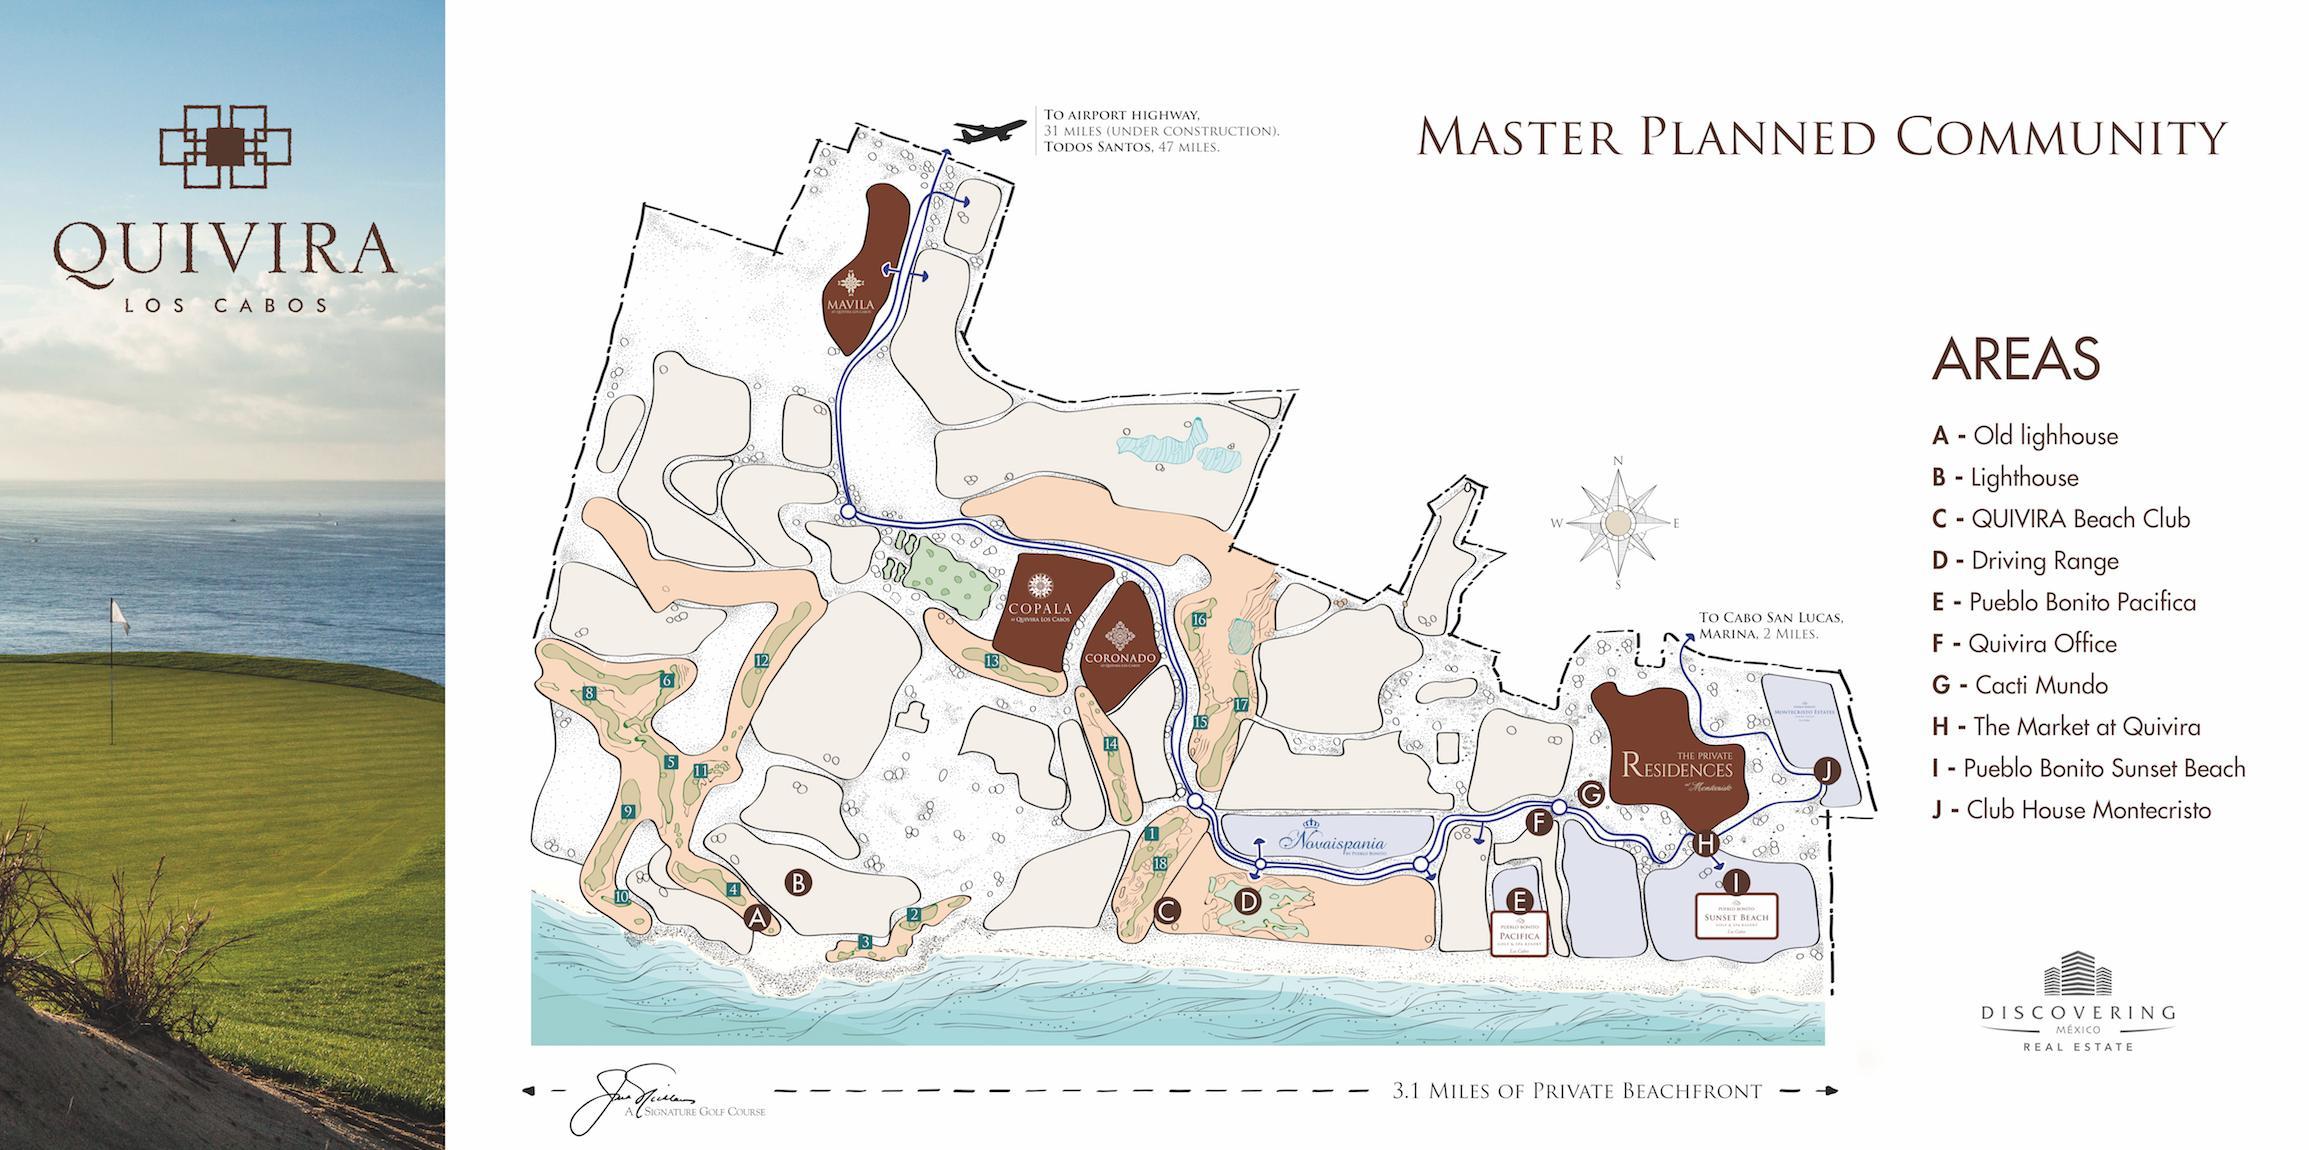 Pacific, 2 Bedrooms Bedrooms, ,2 BathroomsBathrooms,Condo,For Sale,Mavila Via de Lerry 5,19-679